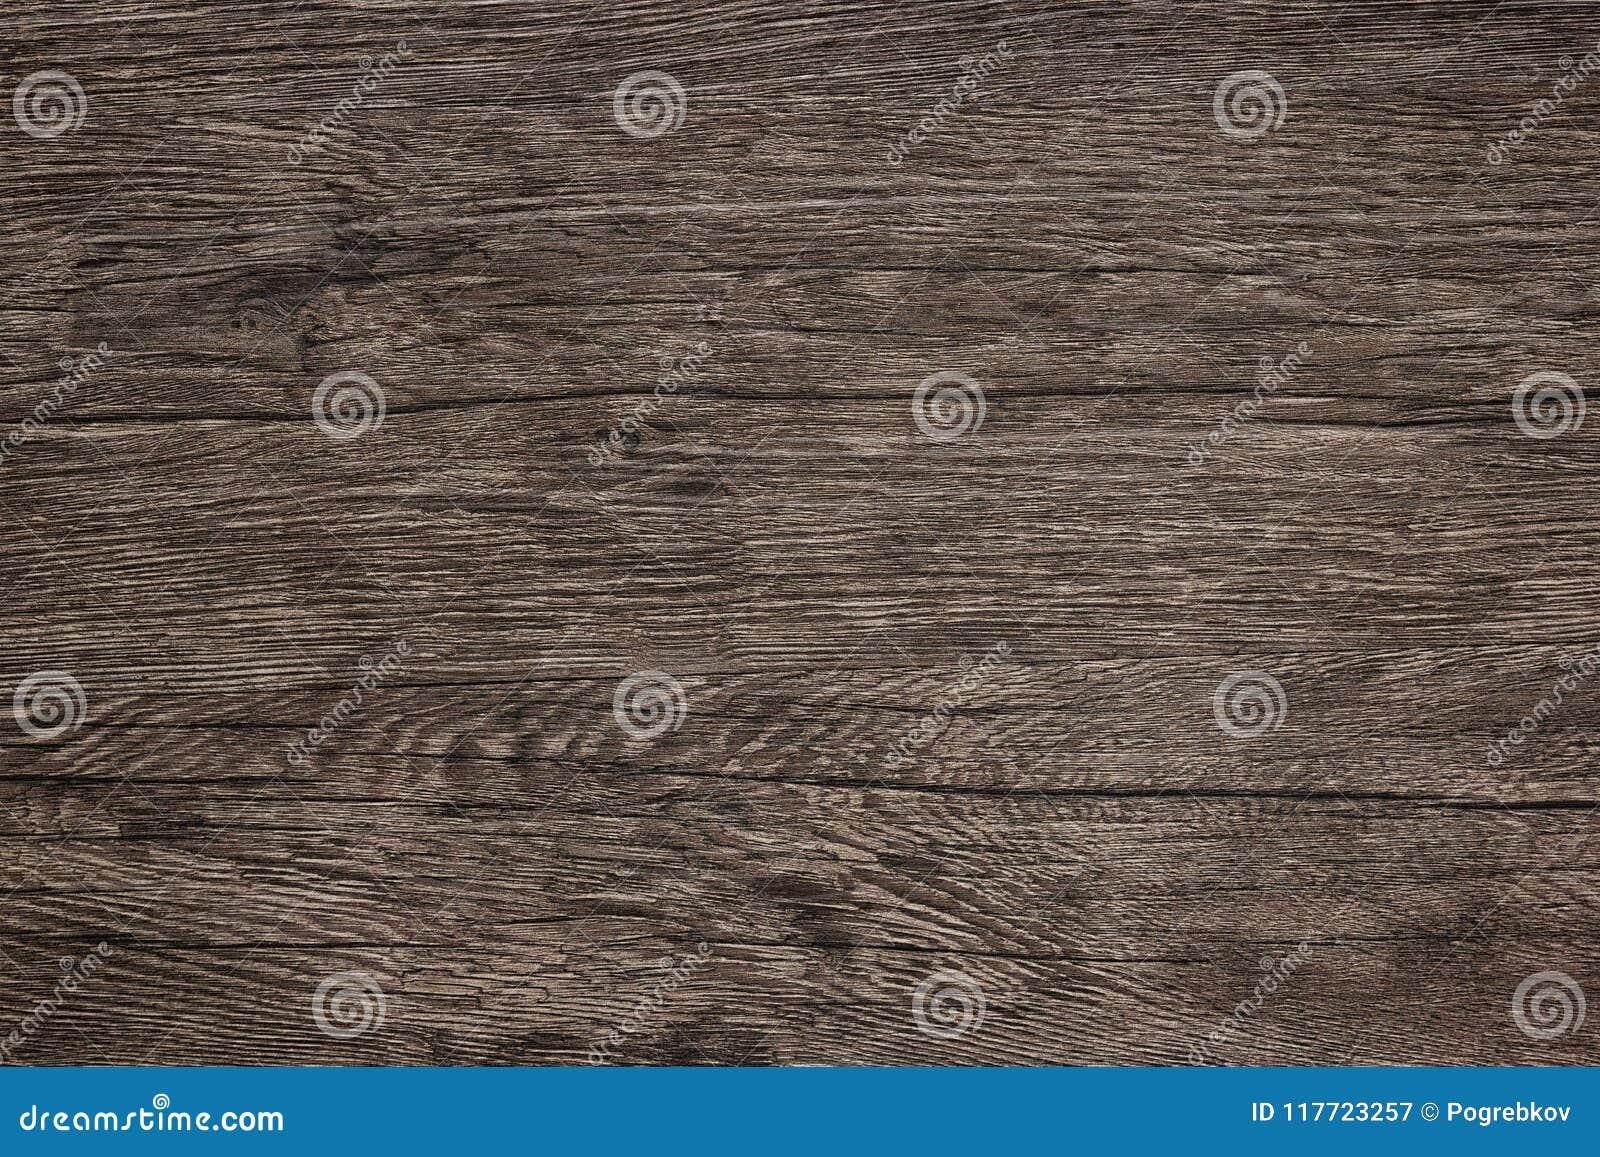 Texture en bois de table - fond en bois de brun foncé